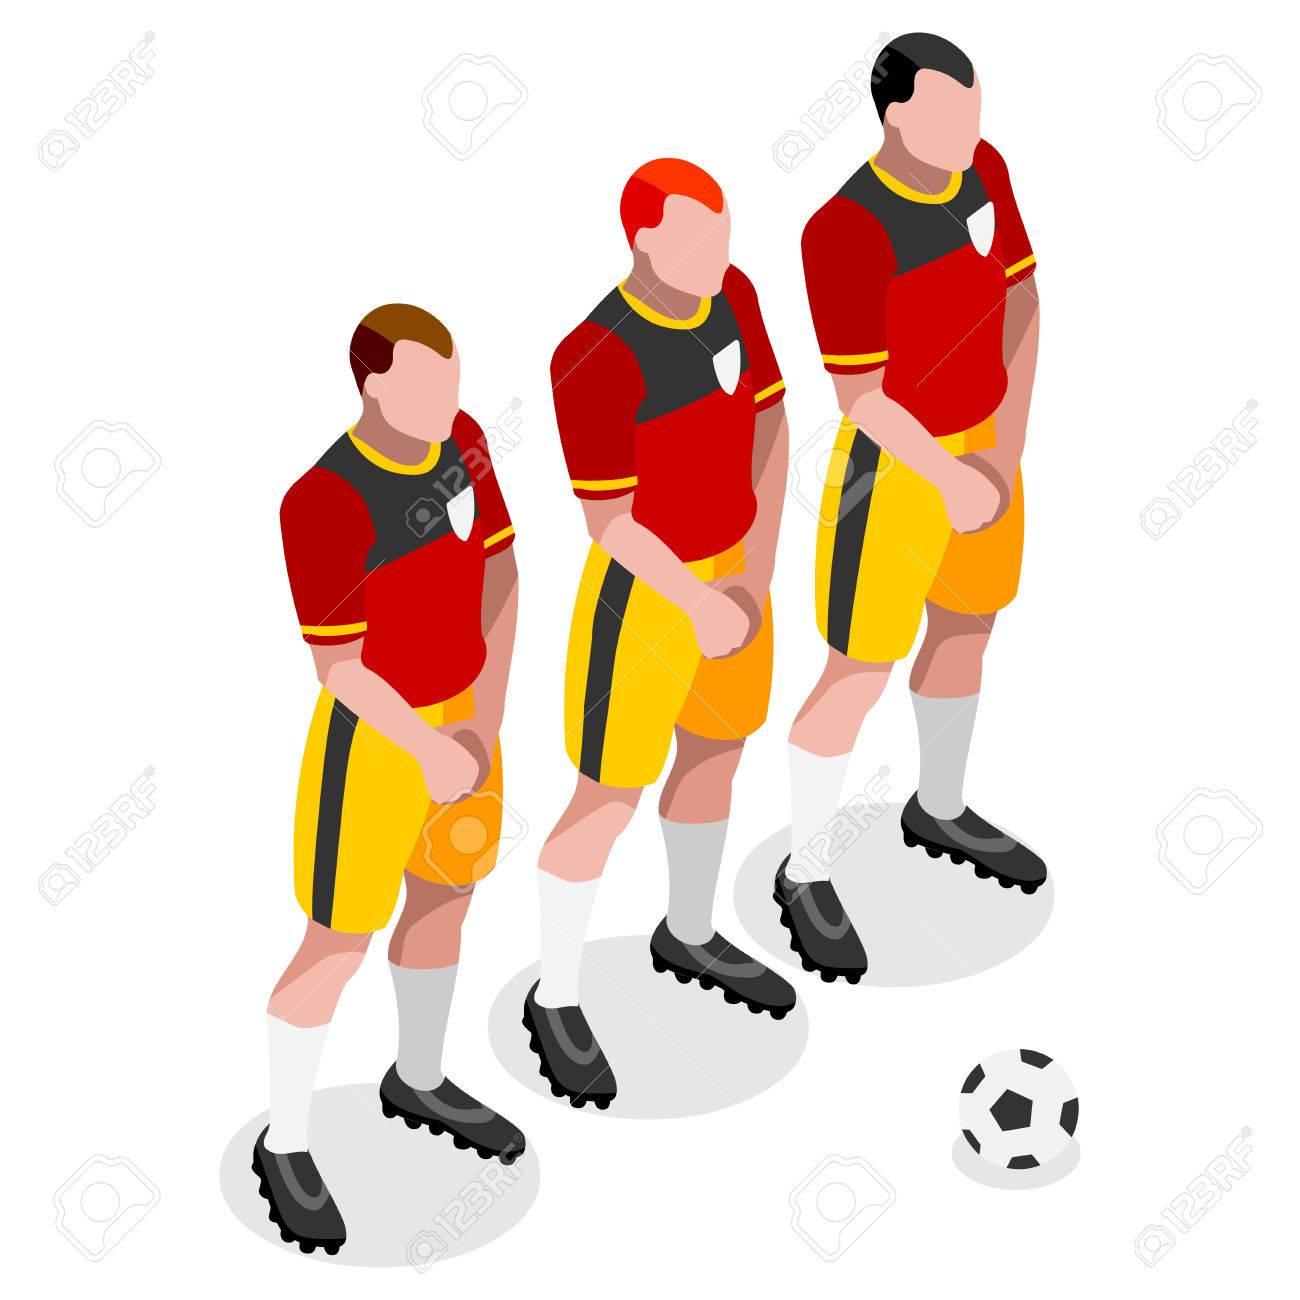 サッカー選手の運動選手はスポー...